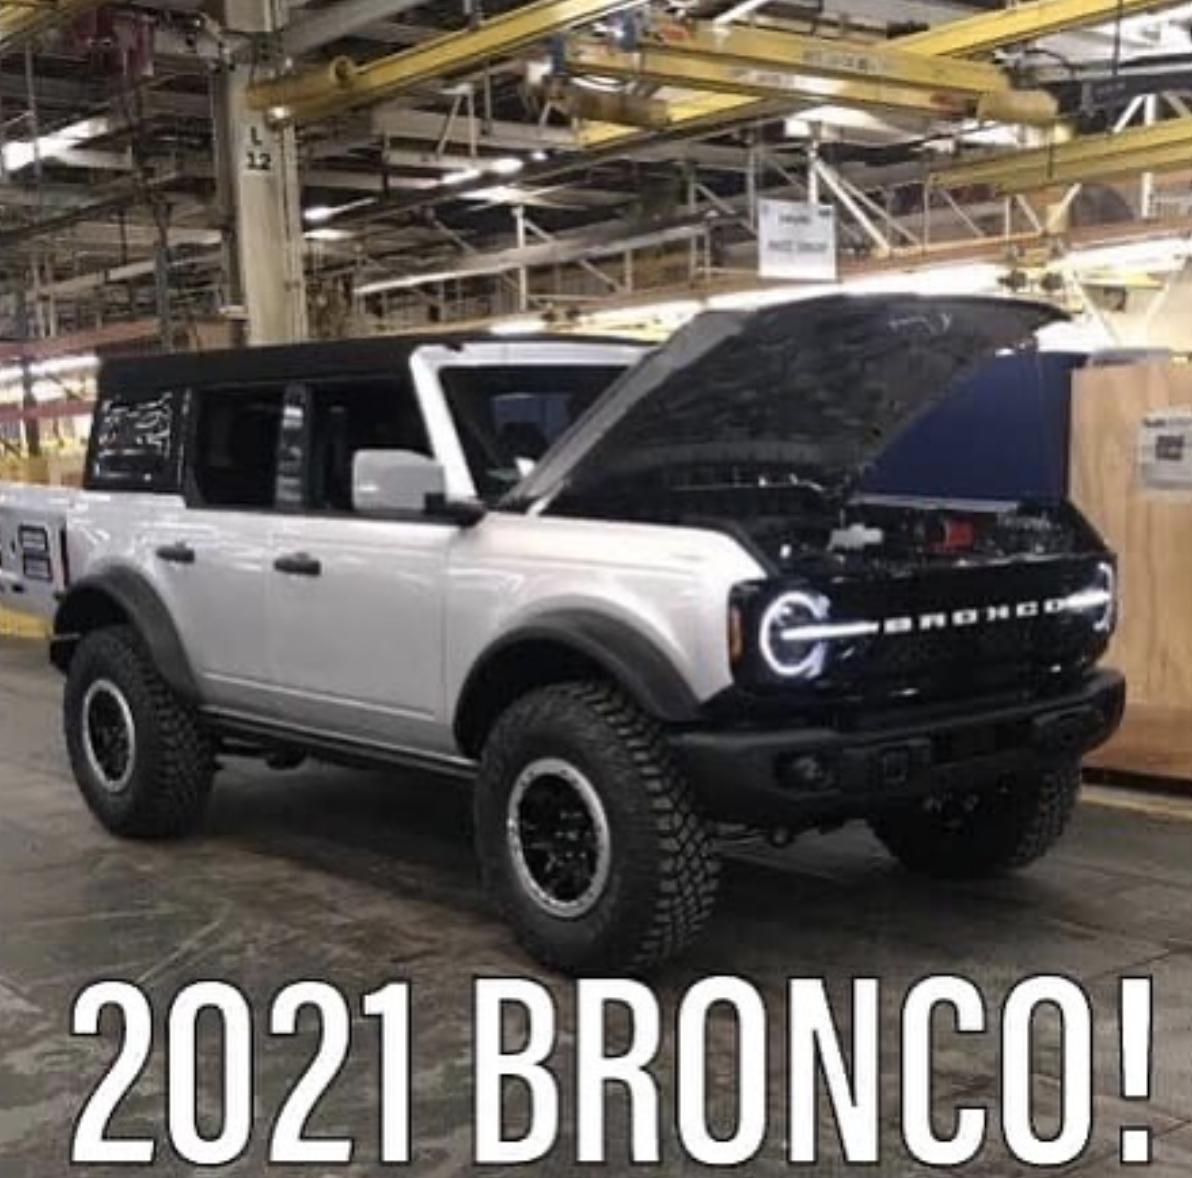 https://www.fullsizebronco.com/attachments/2021-ford-bronco-4-door-png.154998/